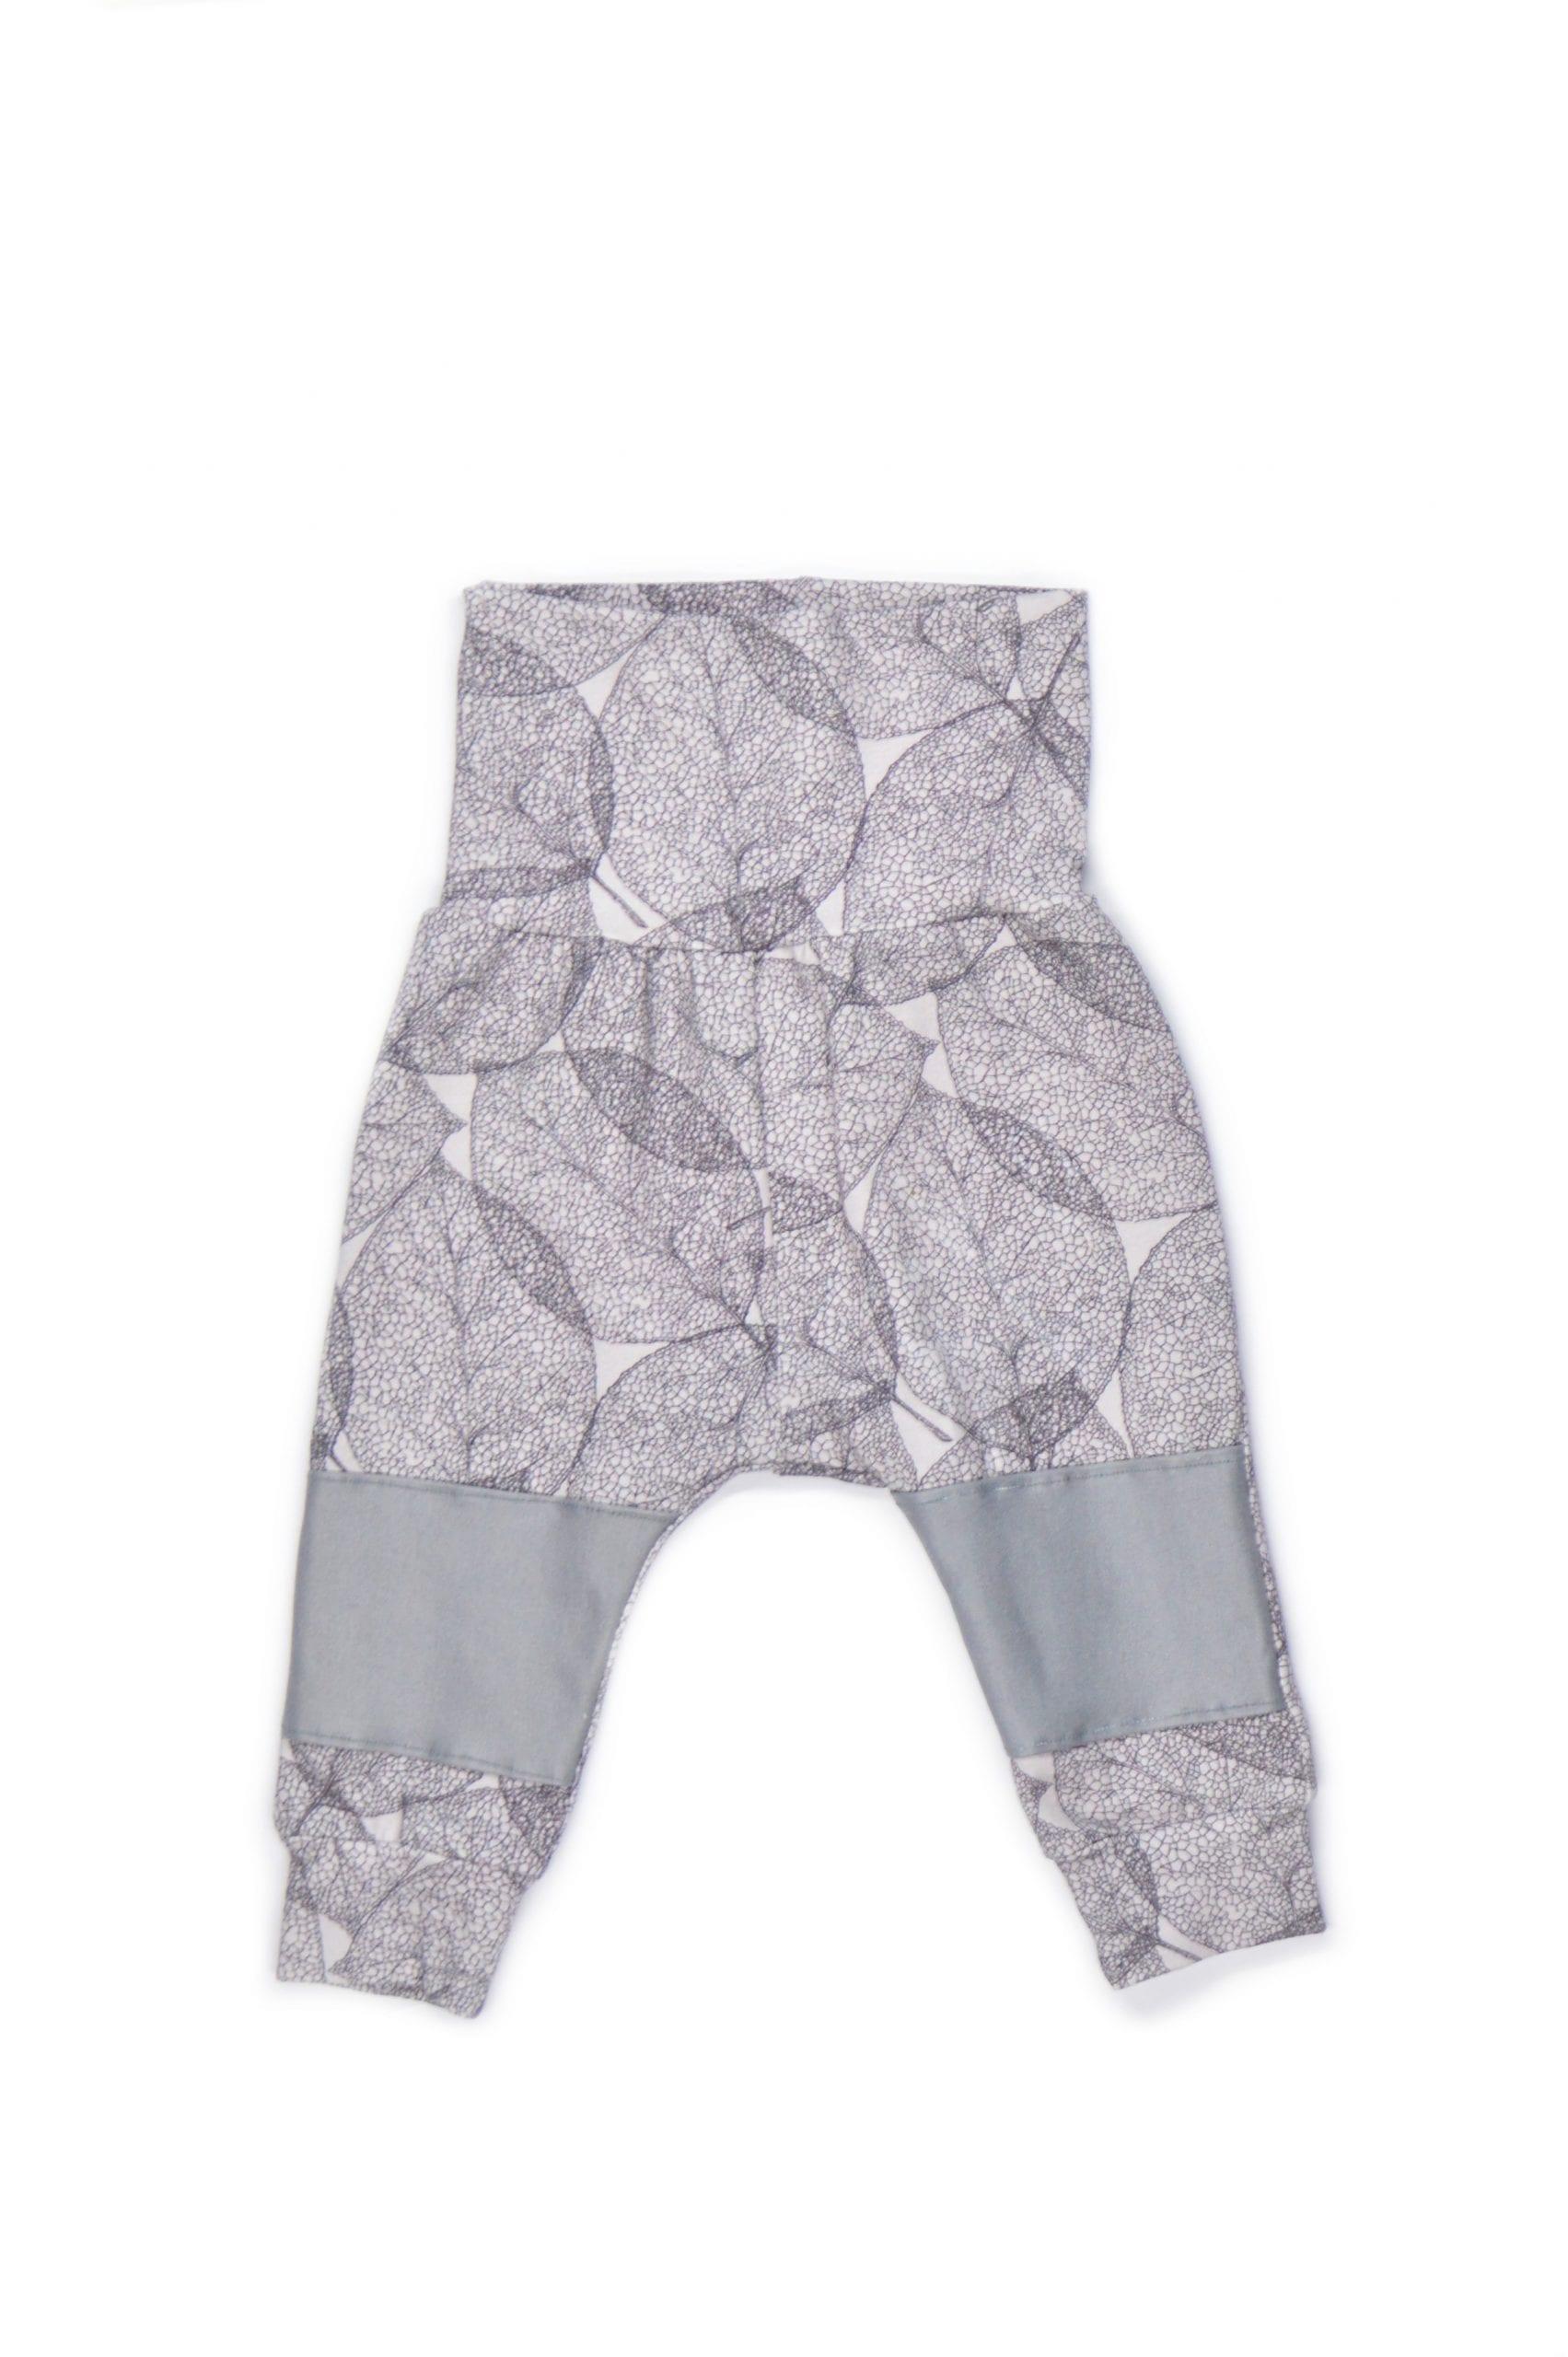 Unisex leaf print harem pants fot baby, kid, girl, boy, toddler